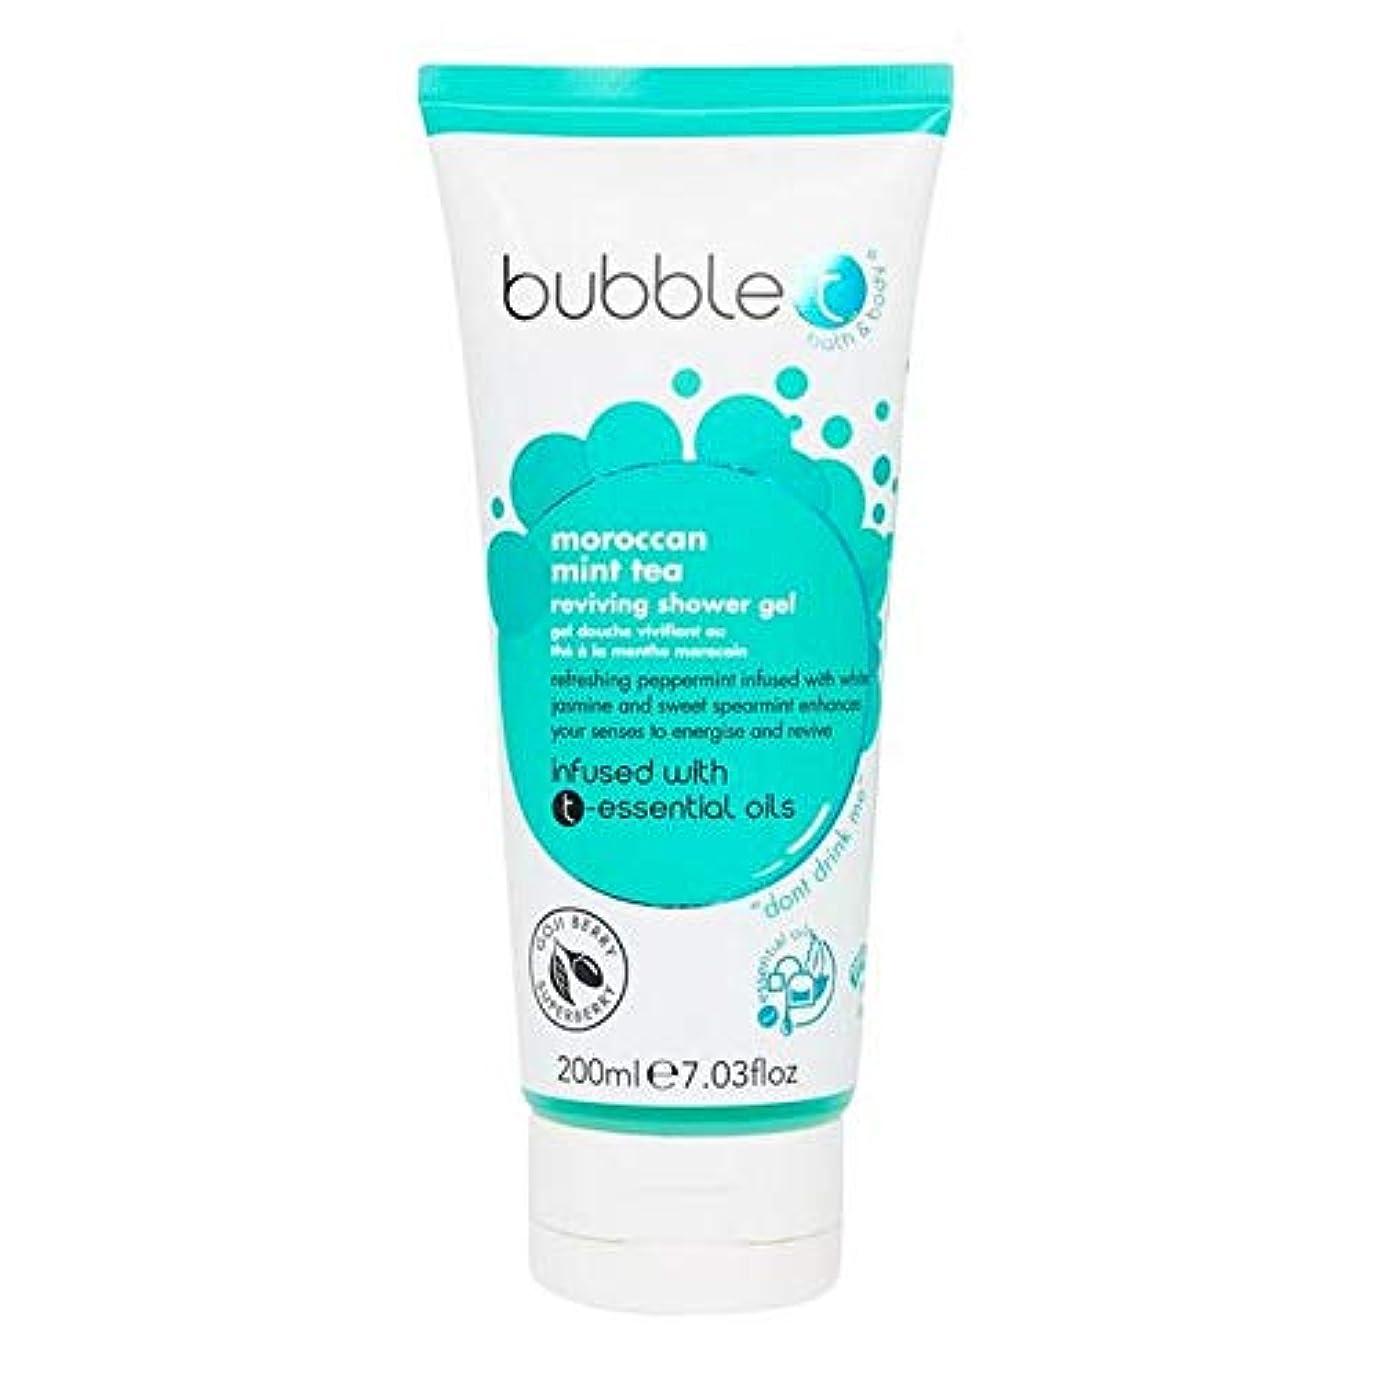 面白いかんたん手首[Bubble T ] バブルトン化粧品シャワージェル、モロッコのミントティーを200ミリリットル - Bubble T Cosmetics Shower Gel, Moroccan Mint Tea 200ml [並行輸入品]